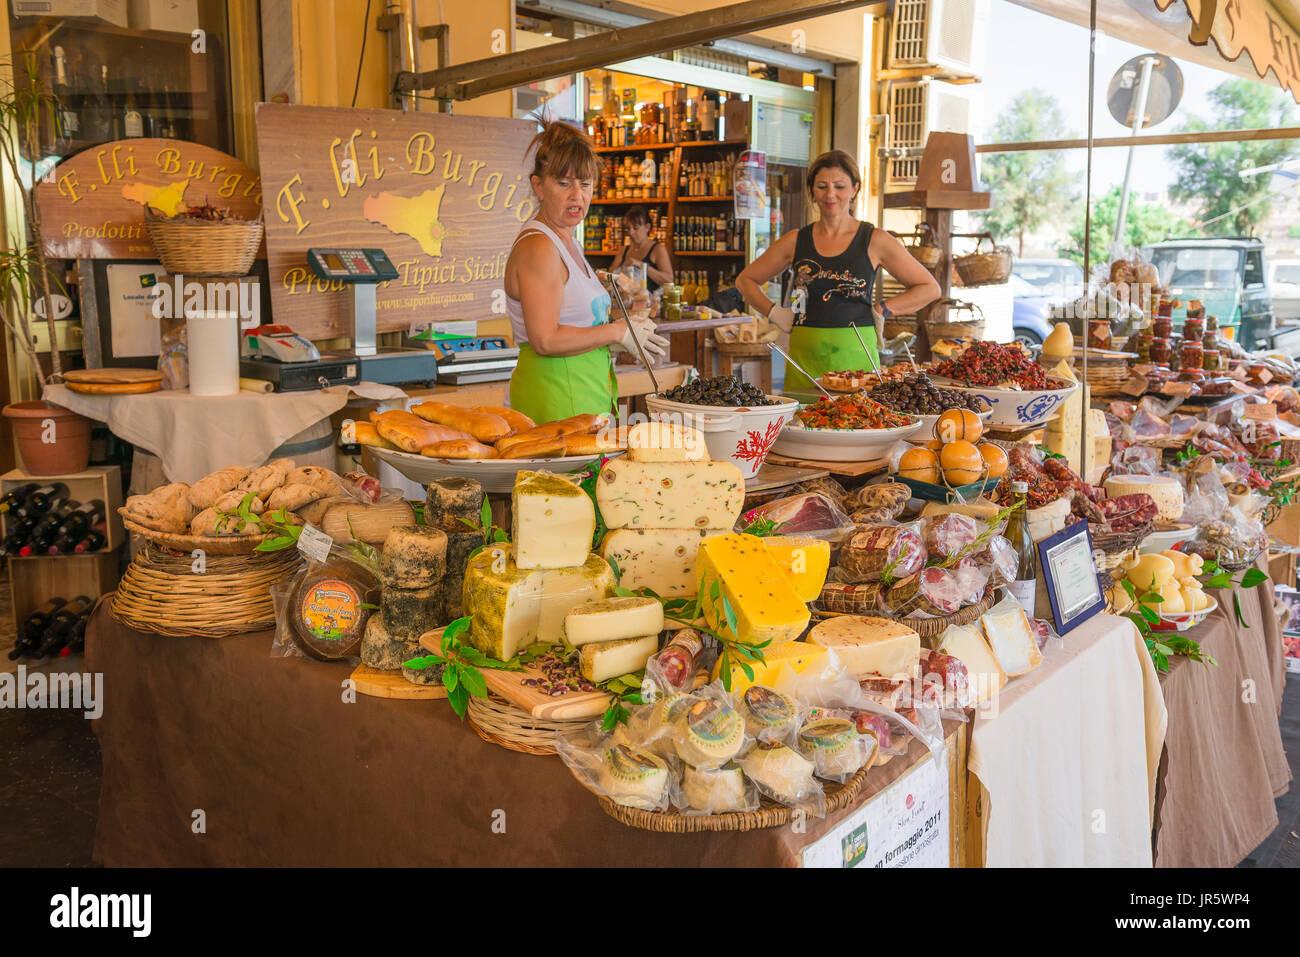 Marché alimentaire de la Sicile, un populaire typiquement sicilienne vente Charcuterie produire dans le marché sur l'île de Ortigia (Ortigia), Syracuse, Sicile, Photo Stock